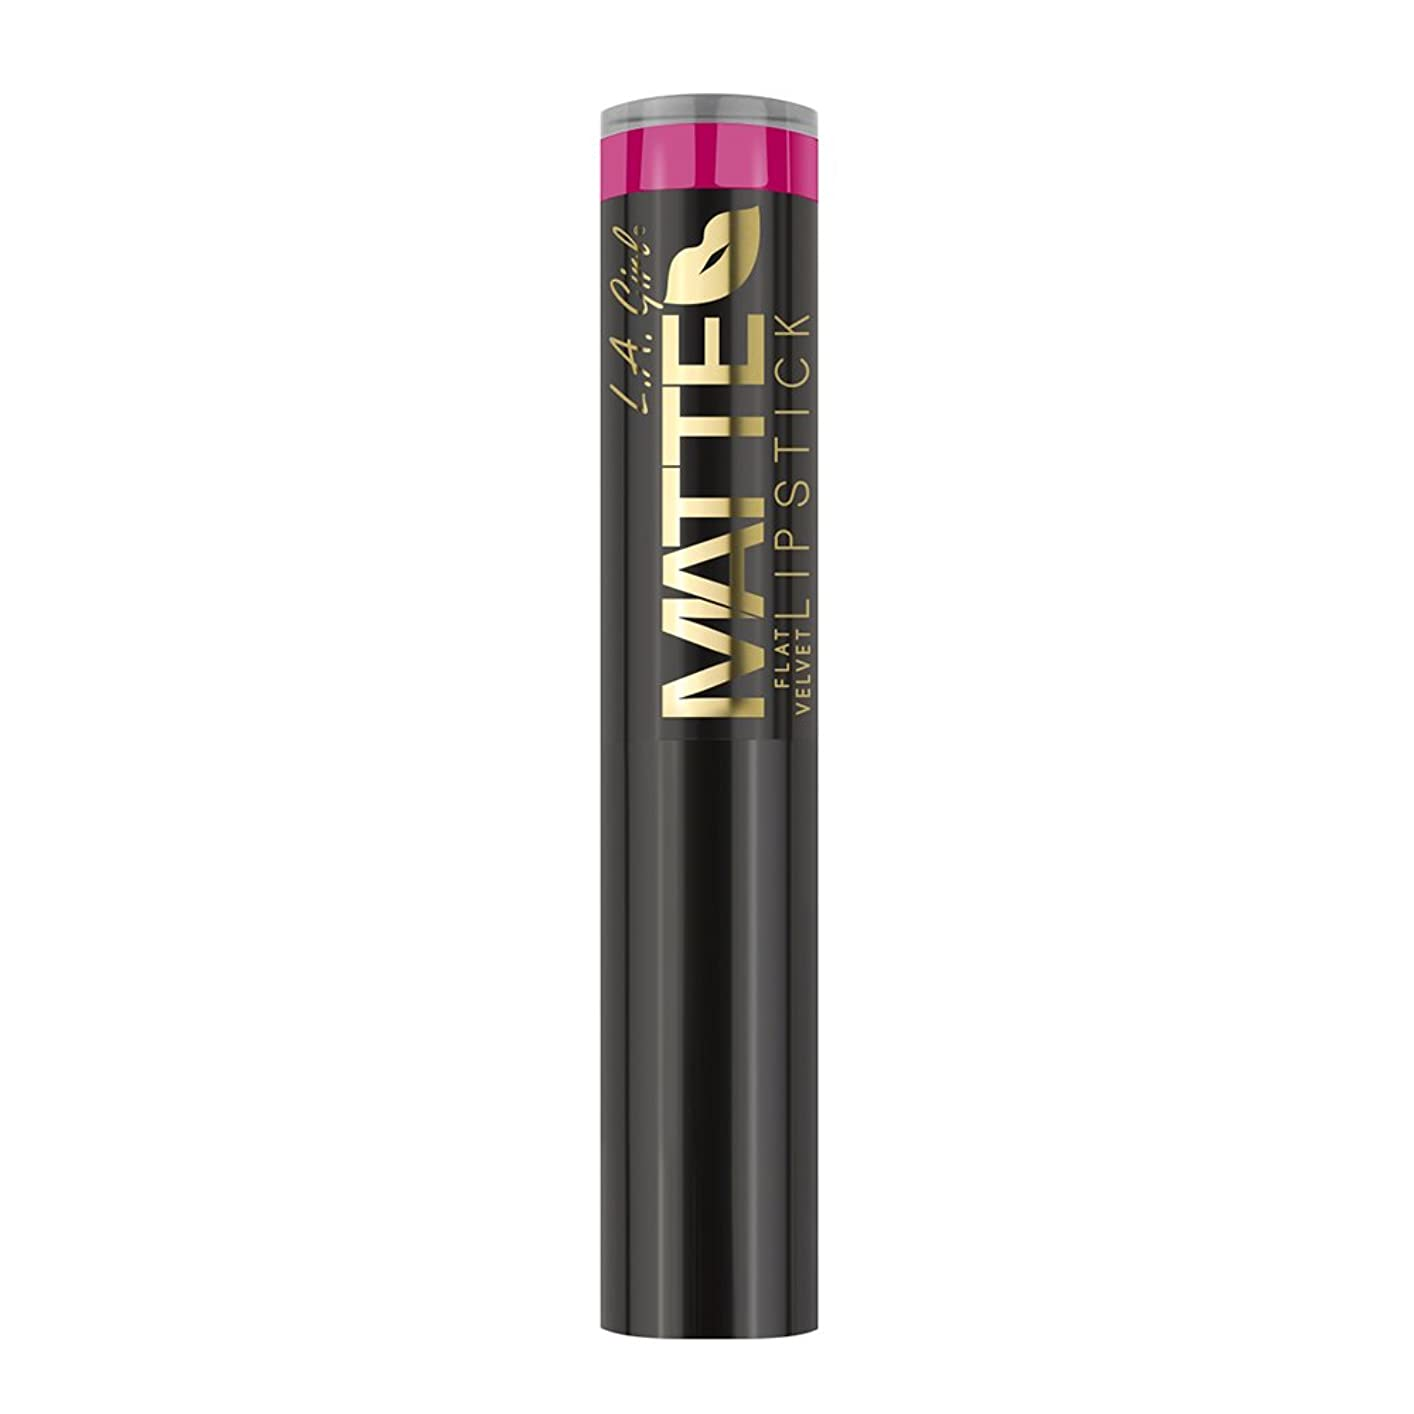 スパイパッドボックス(3 Pack) L.A. GIRL Matte Flat Velvet Lipstick - Bliss (並行輸入品)